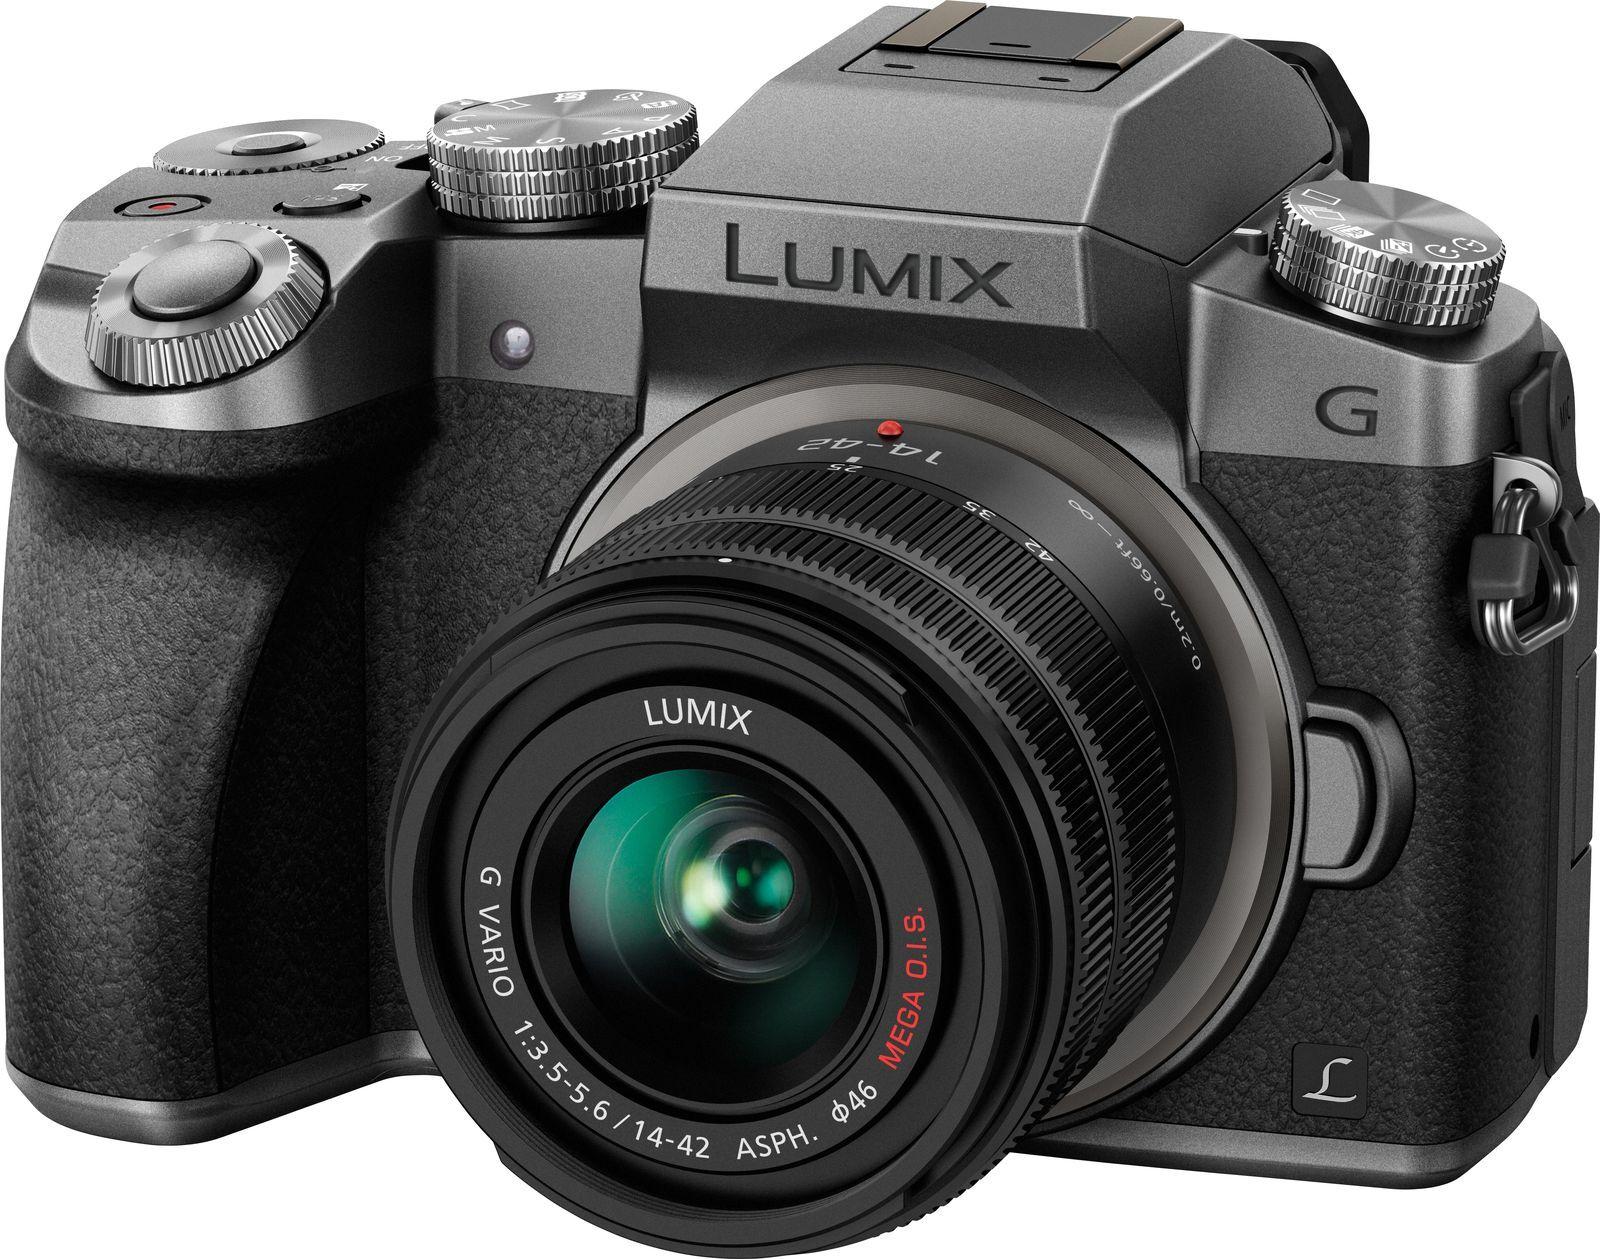 беззеркальный фотоаппарат panasonic lumix dmc-g7 kit 14-42mm, silver уцененный товар (№1)